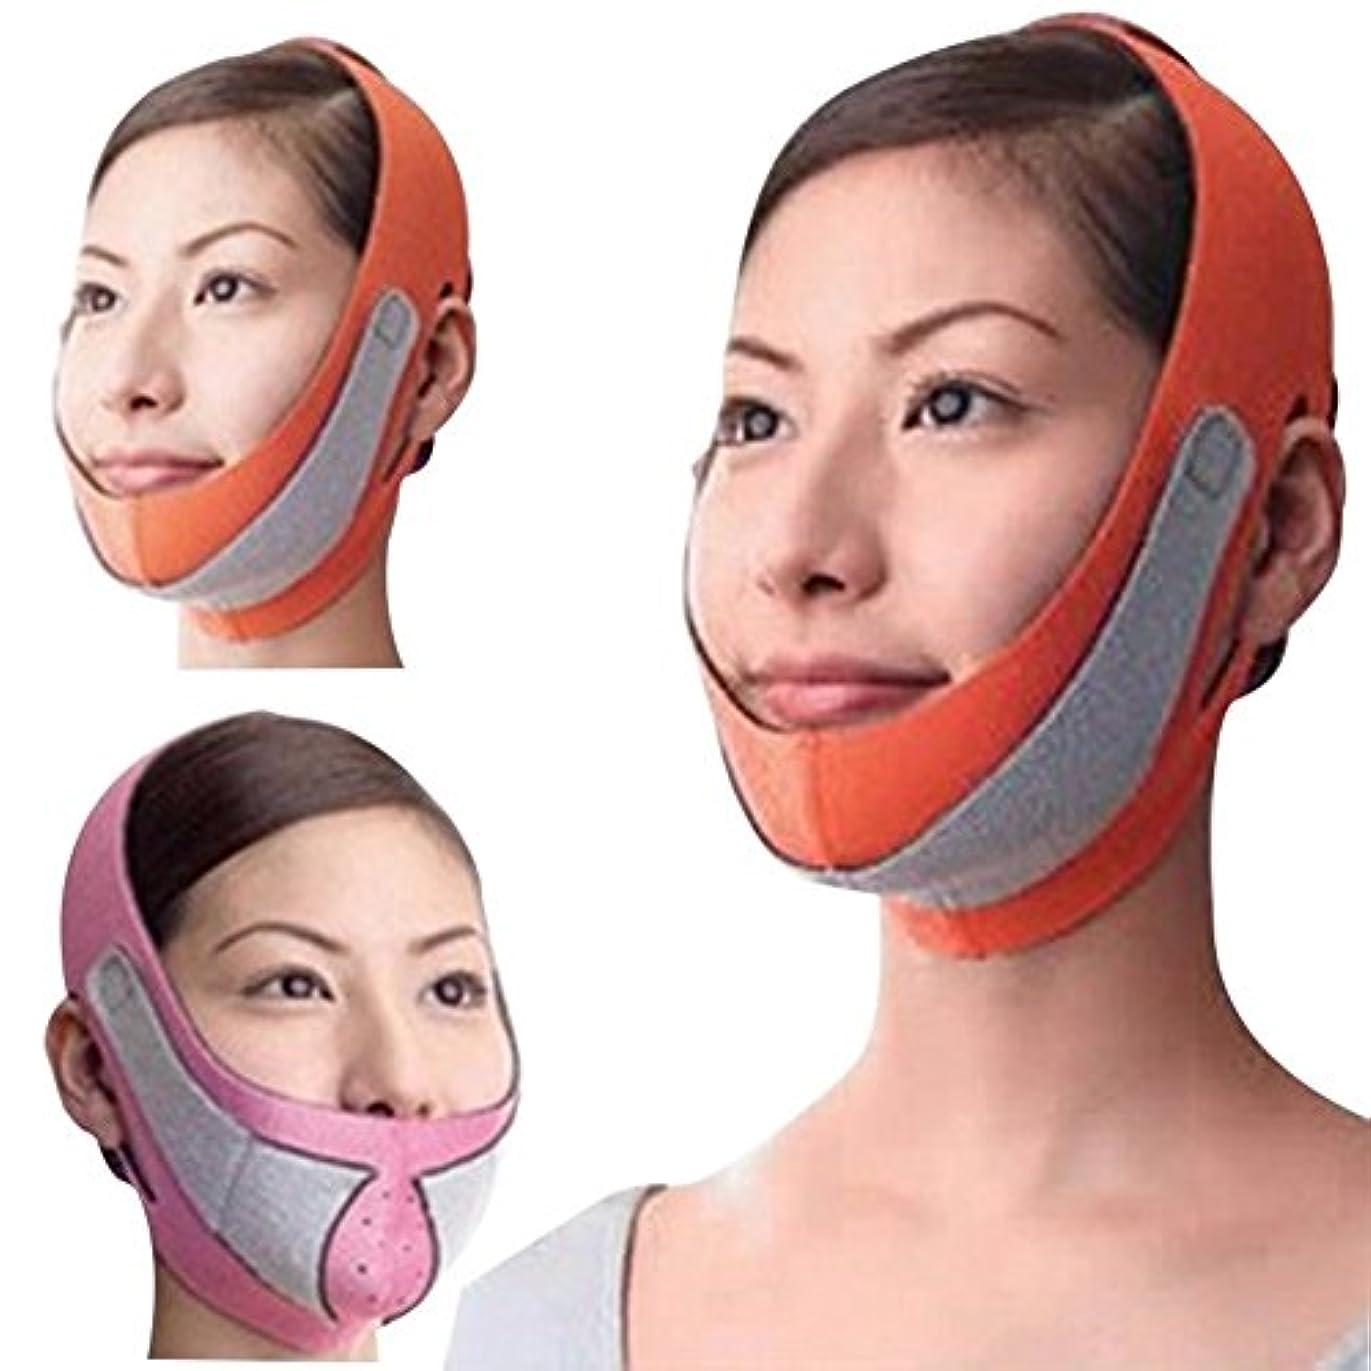 忠誠消す付与Remeehi 引き上げマスク 頬のたるみ 額 顎下 頬リフトアップ ピンク グレー 弾力V-ラインマスク 引っ張る リフティング フェイス リフトスリムマスク 美容 フェイスマスク オレンジ